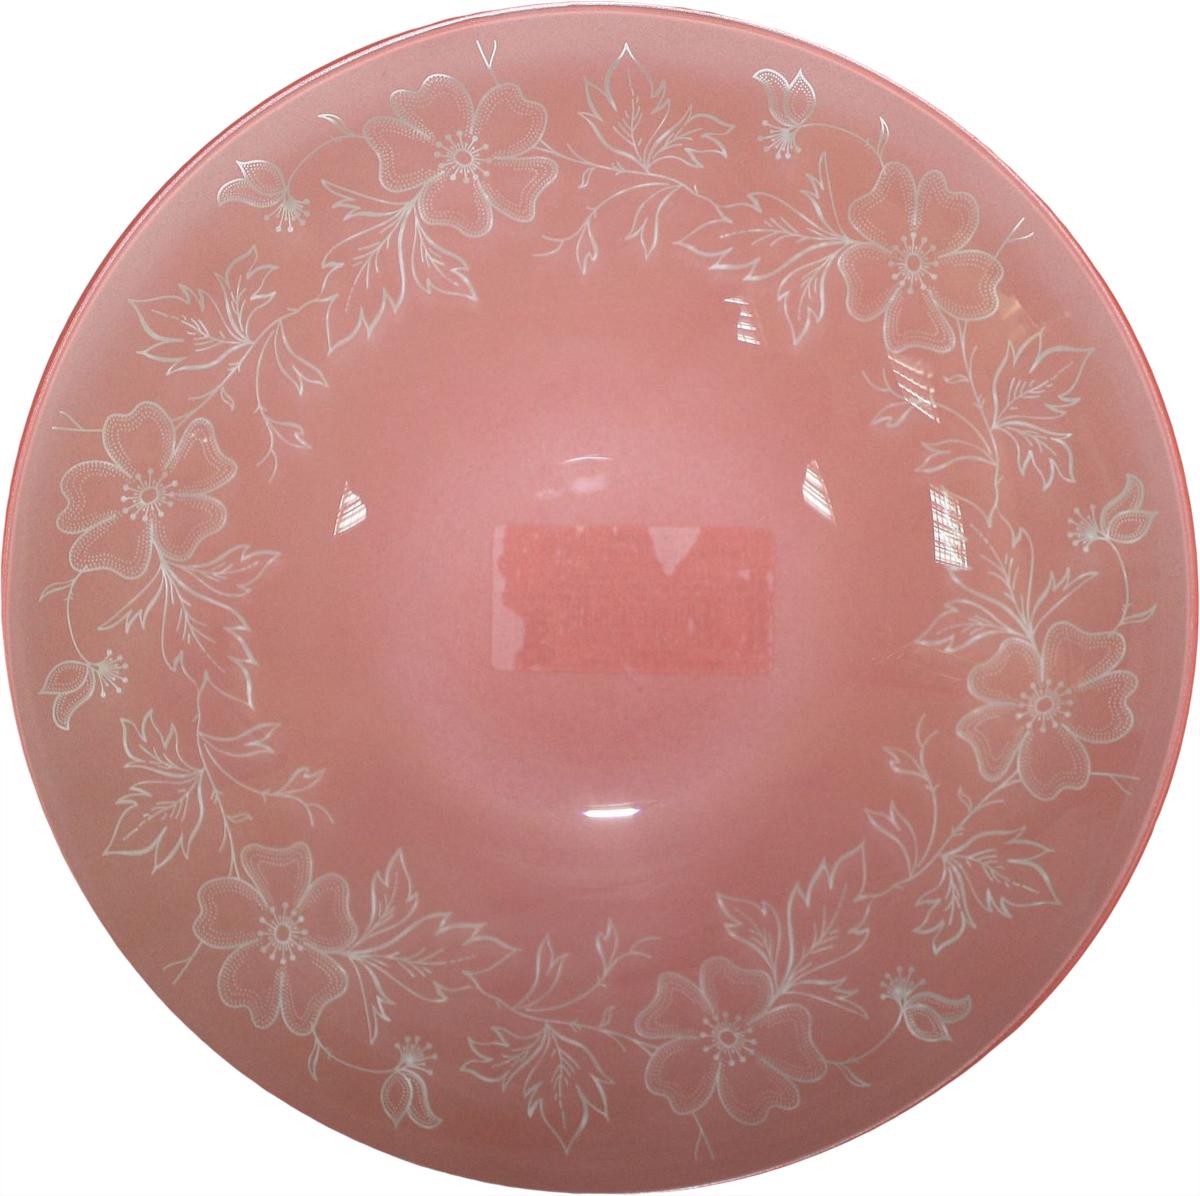 Тарелка глубокая NiNaGlass Лара, цвет: розовый, диаметр 22 см85-225-075пкТарелка NiNaGlass Лара выполнена из высококачественного стекла и оформлена красивым цветочным узором. Тарелка идеальна для подачи вторых блюд, а также сервировки закусок, нарезок, салатов, овощей и фруктов. Она отлично подойдет как для повседневных, так и для торжественных случаев. Такая тарелка прекрасно впишется в интерьер вашей кухни и станет достойным дополнением к кухонному инвентарю.